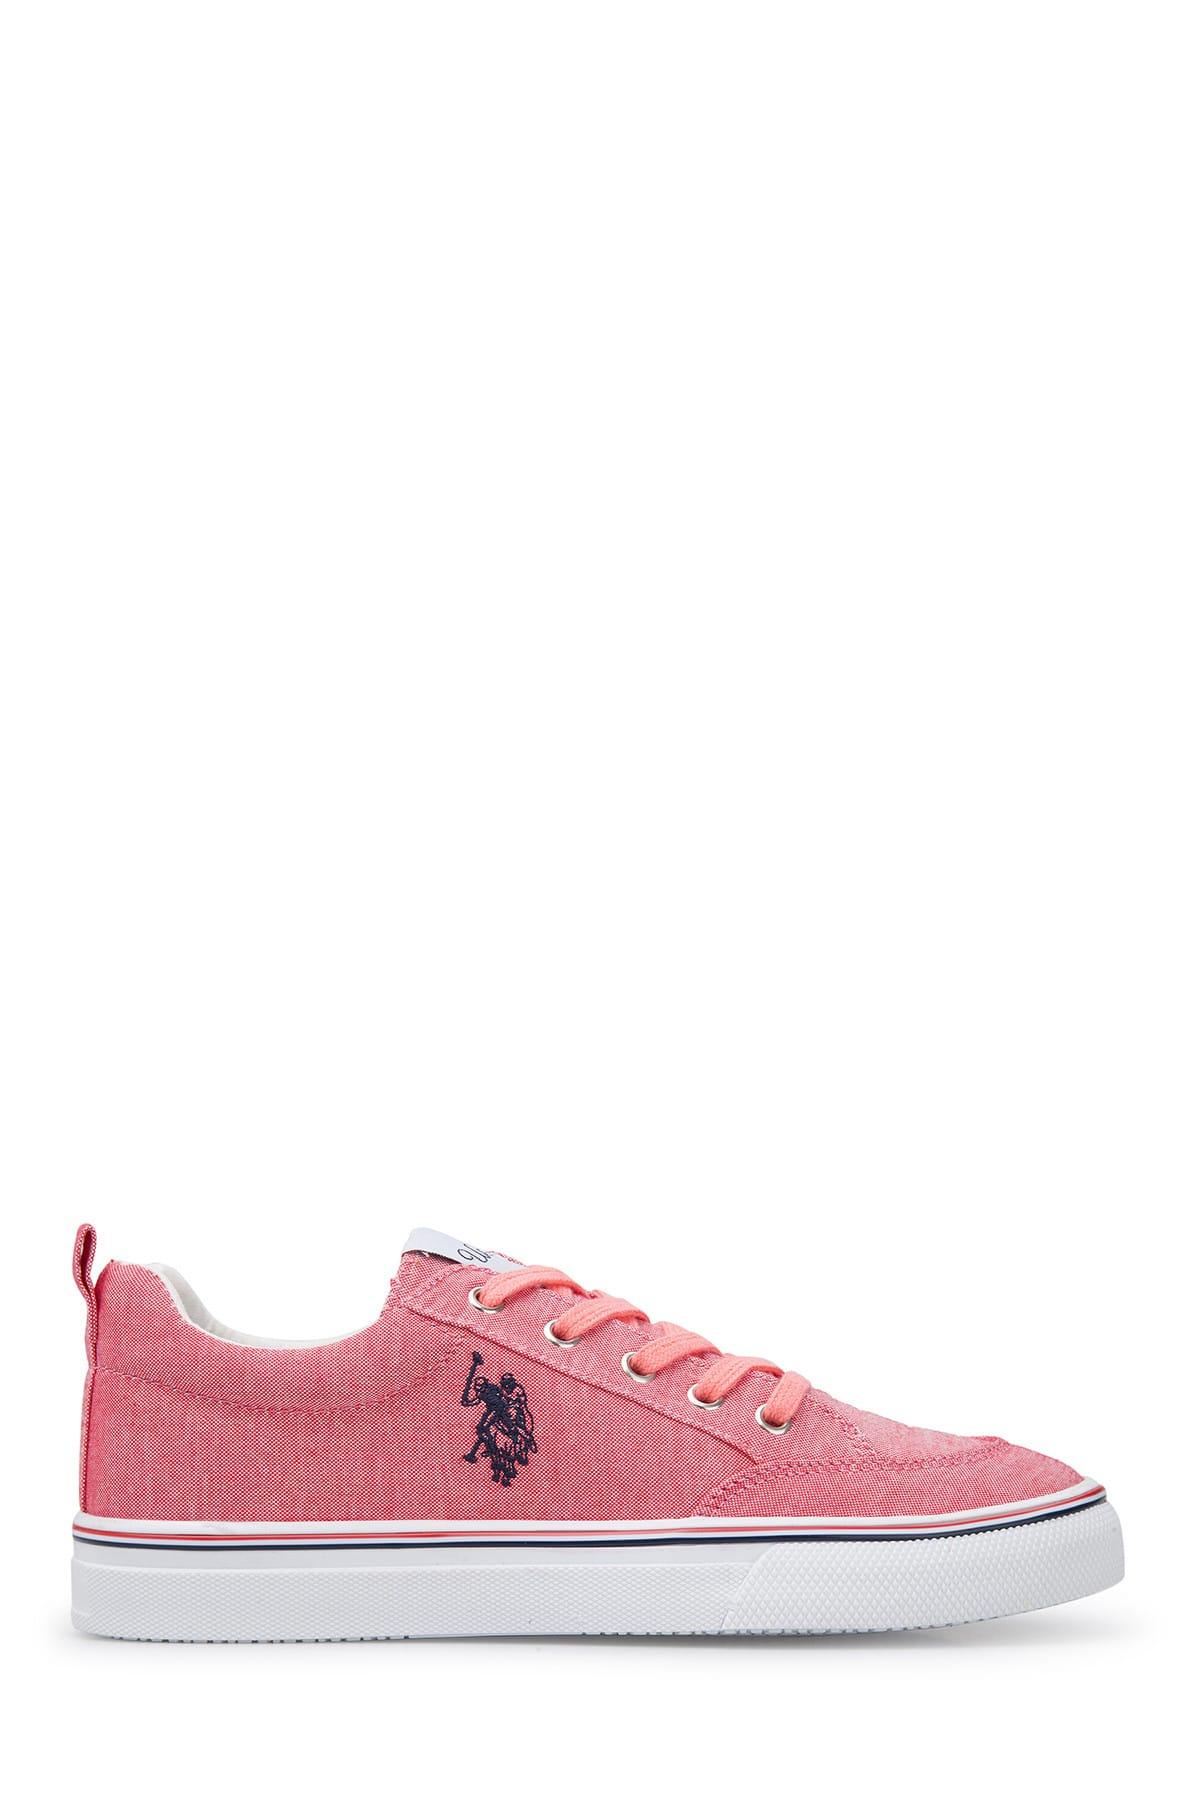 U.S. Polo Assn. Pembe Kadın Ayakkabı CAROL 1